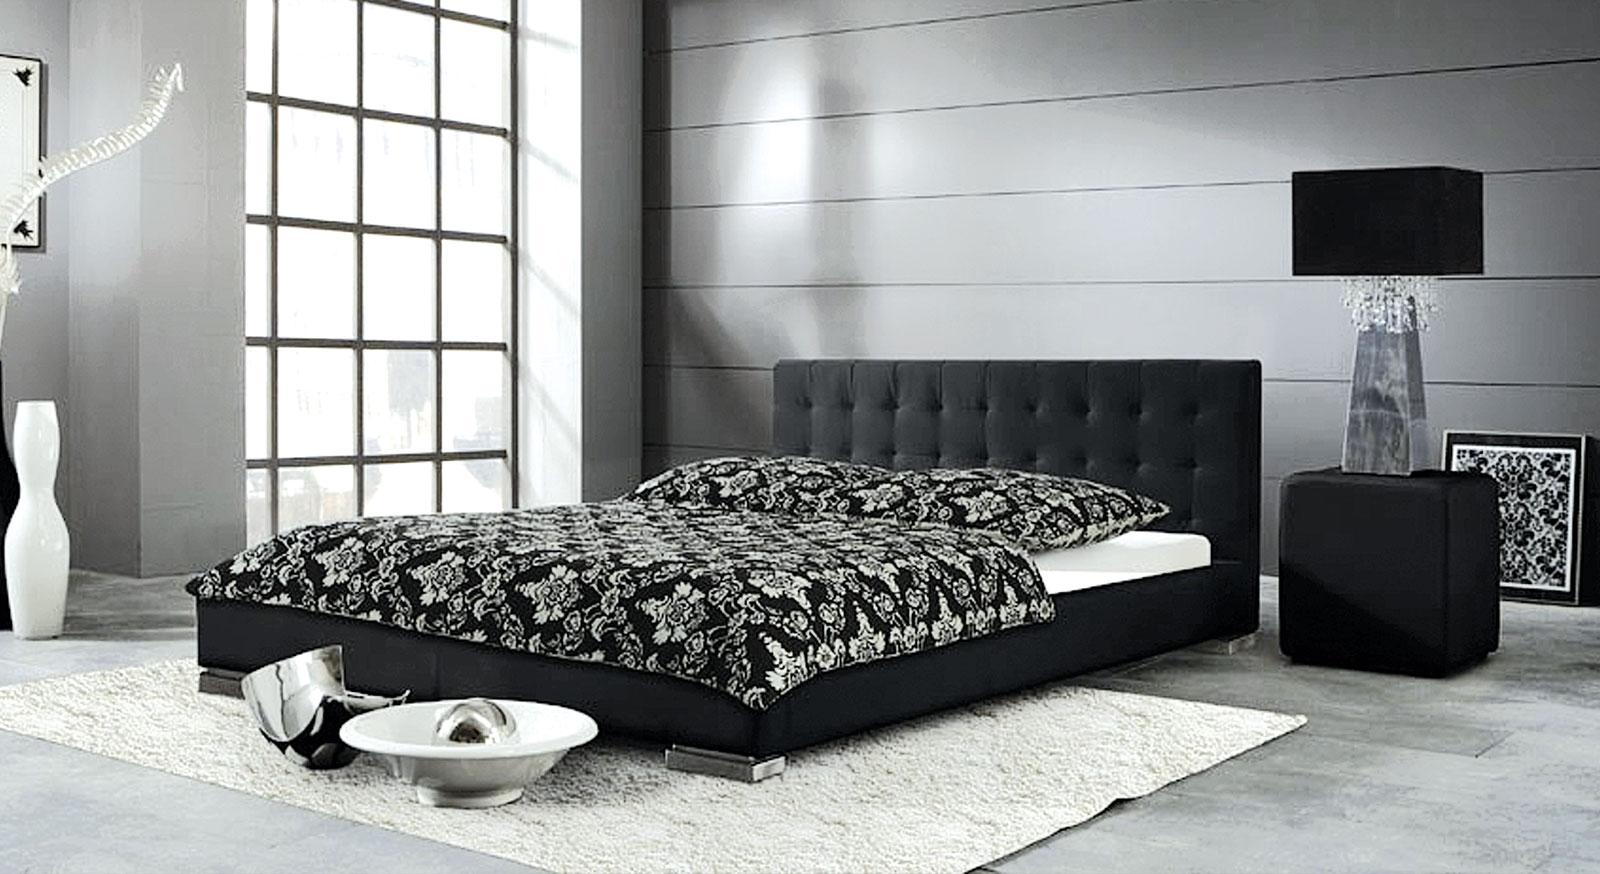 Schwarzes Bett Campo mit niedrigem Bettrahmen